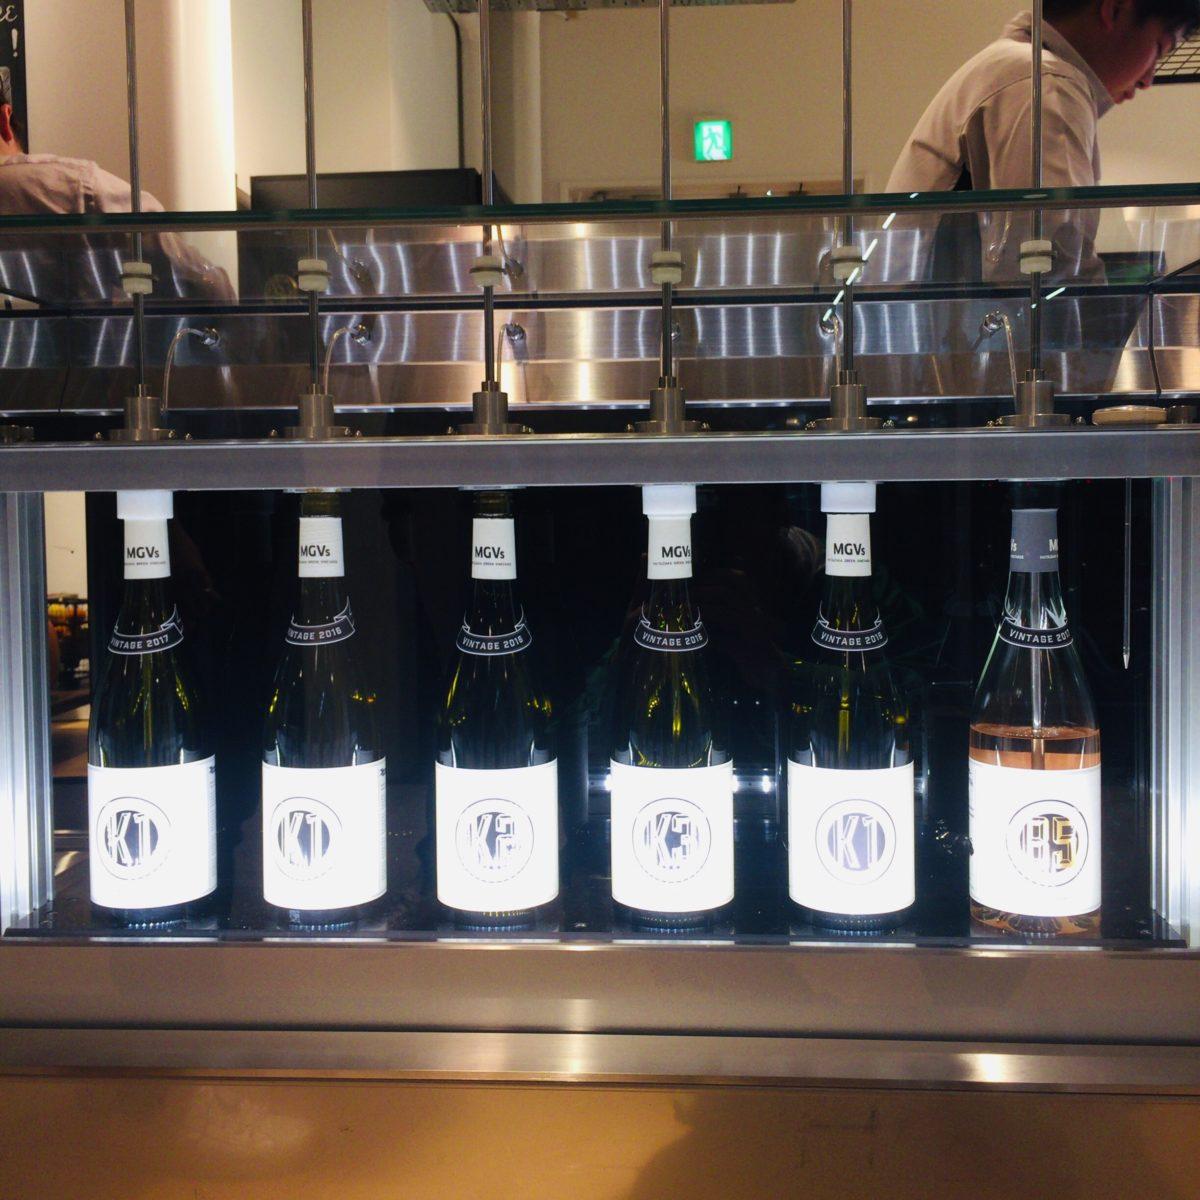 MGVsワイナリーの試飲ワイン